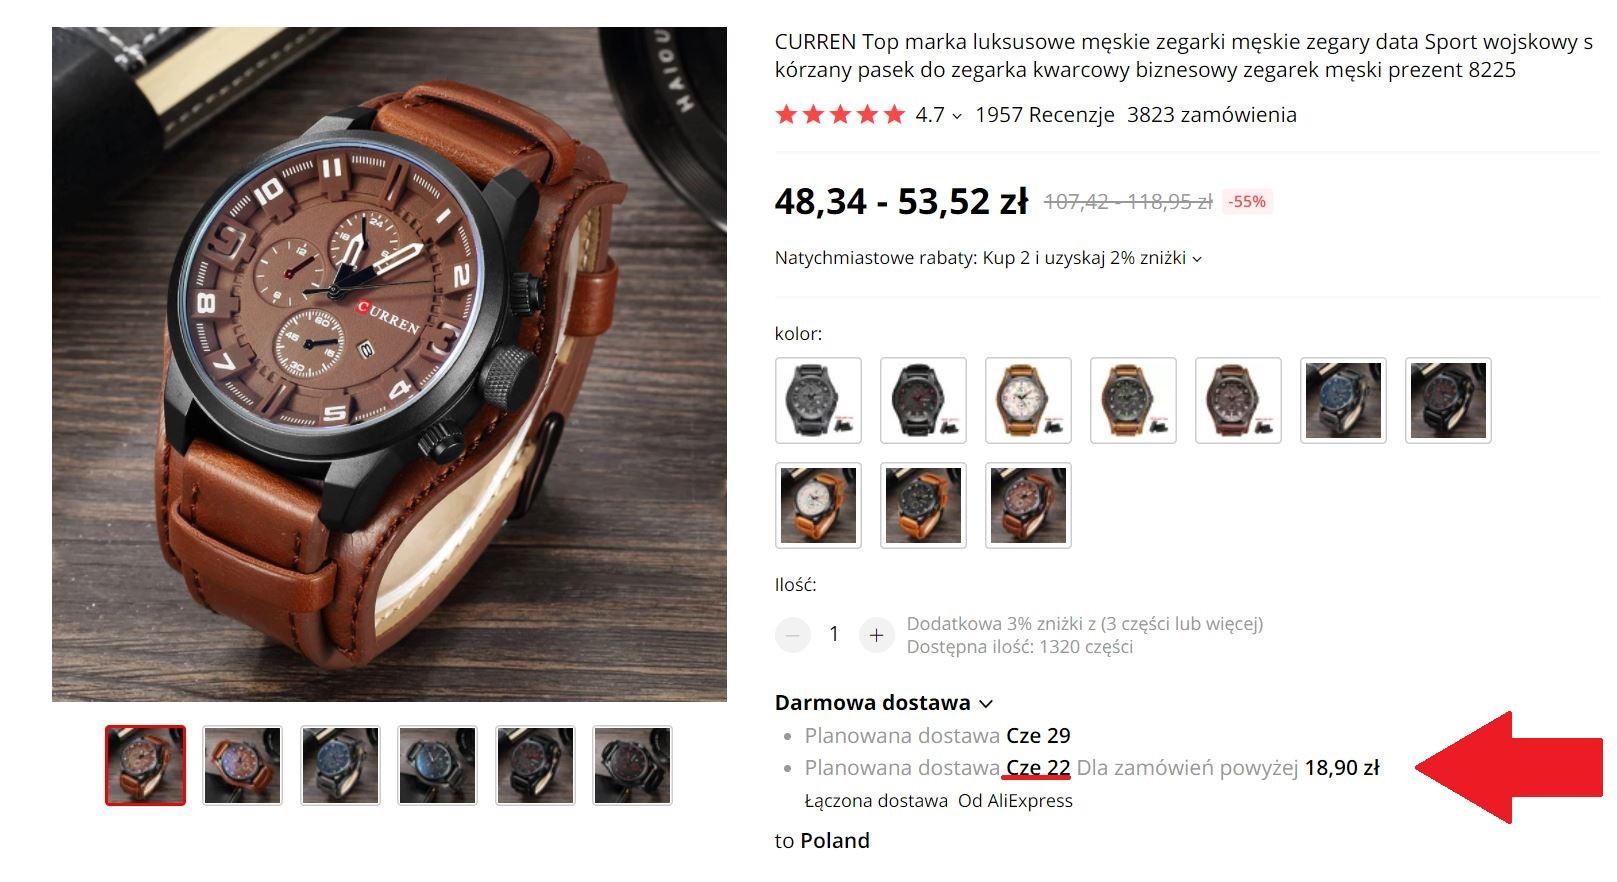 zegarek z łączoną dostawą